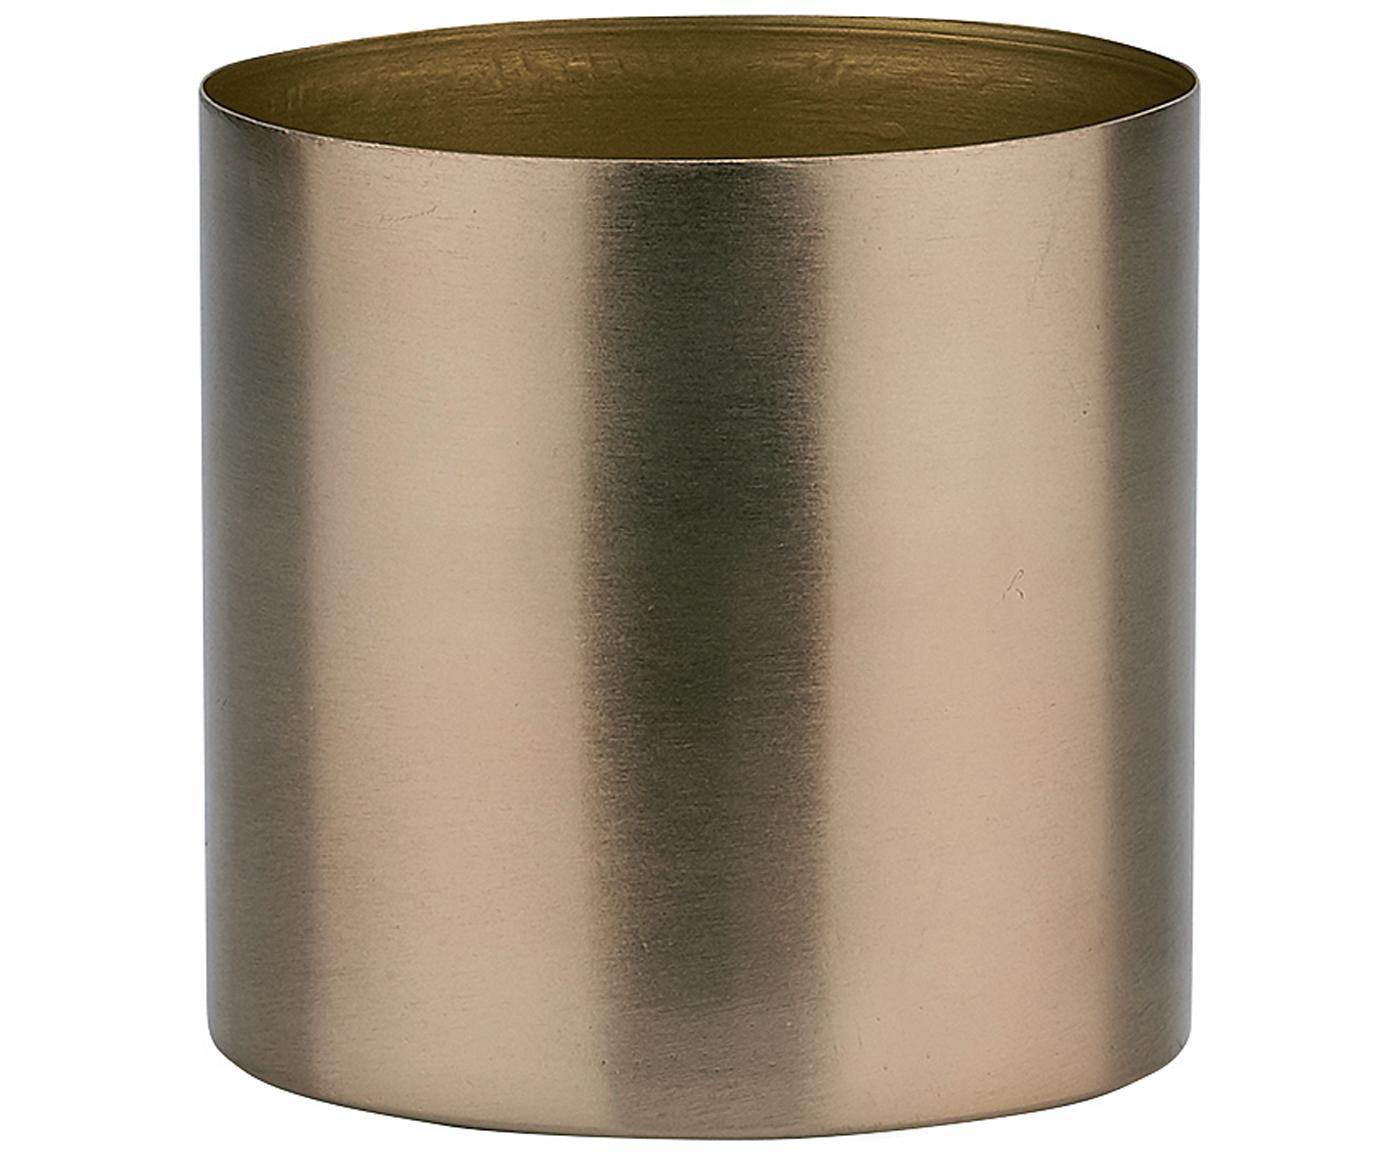 Übertopf Stella, Metall, beschichtet, Bronzefarben, Ø 11 x H 11 cm